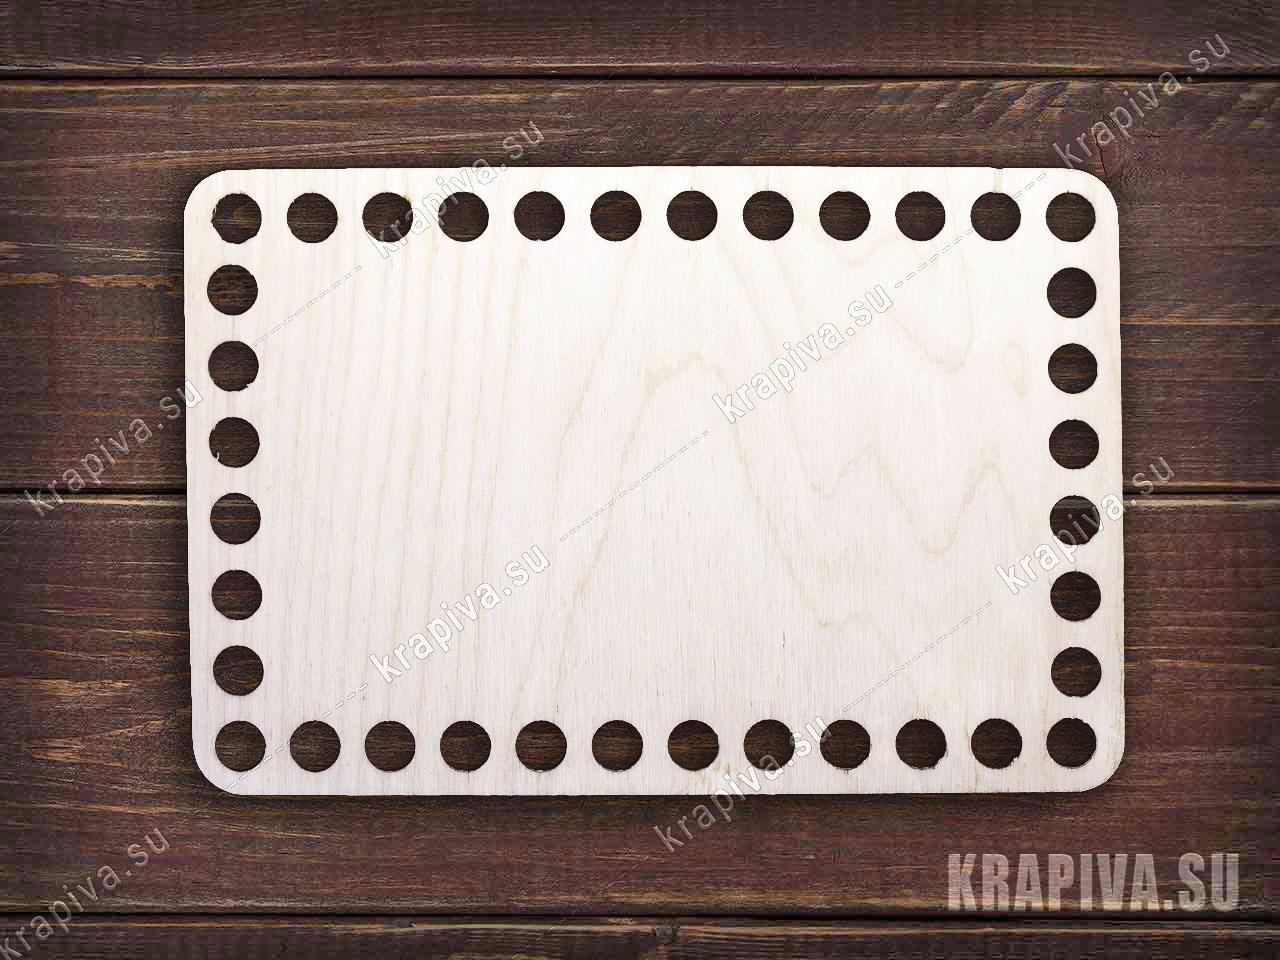 Донышко прямоугольное для корзины за 90 руб. в магазине Крапива (krapiva.su) (фото)